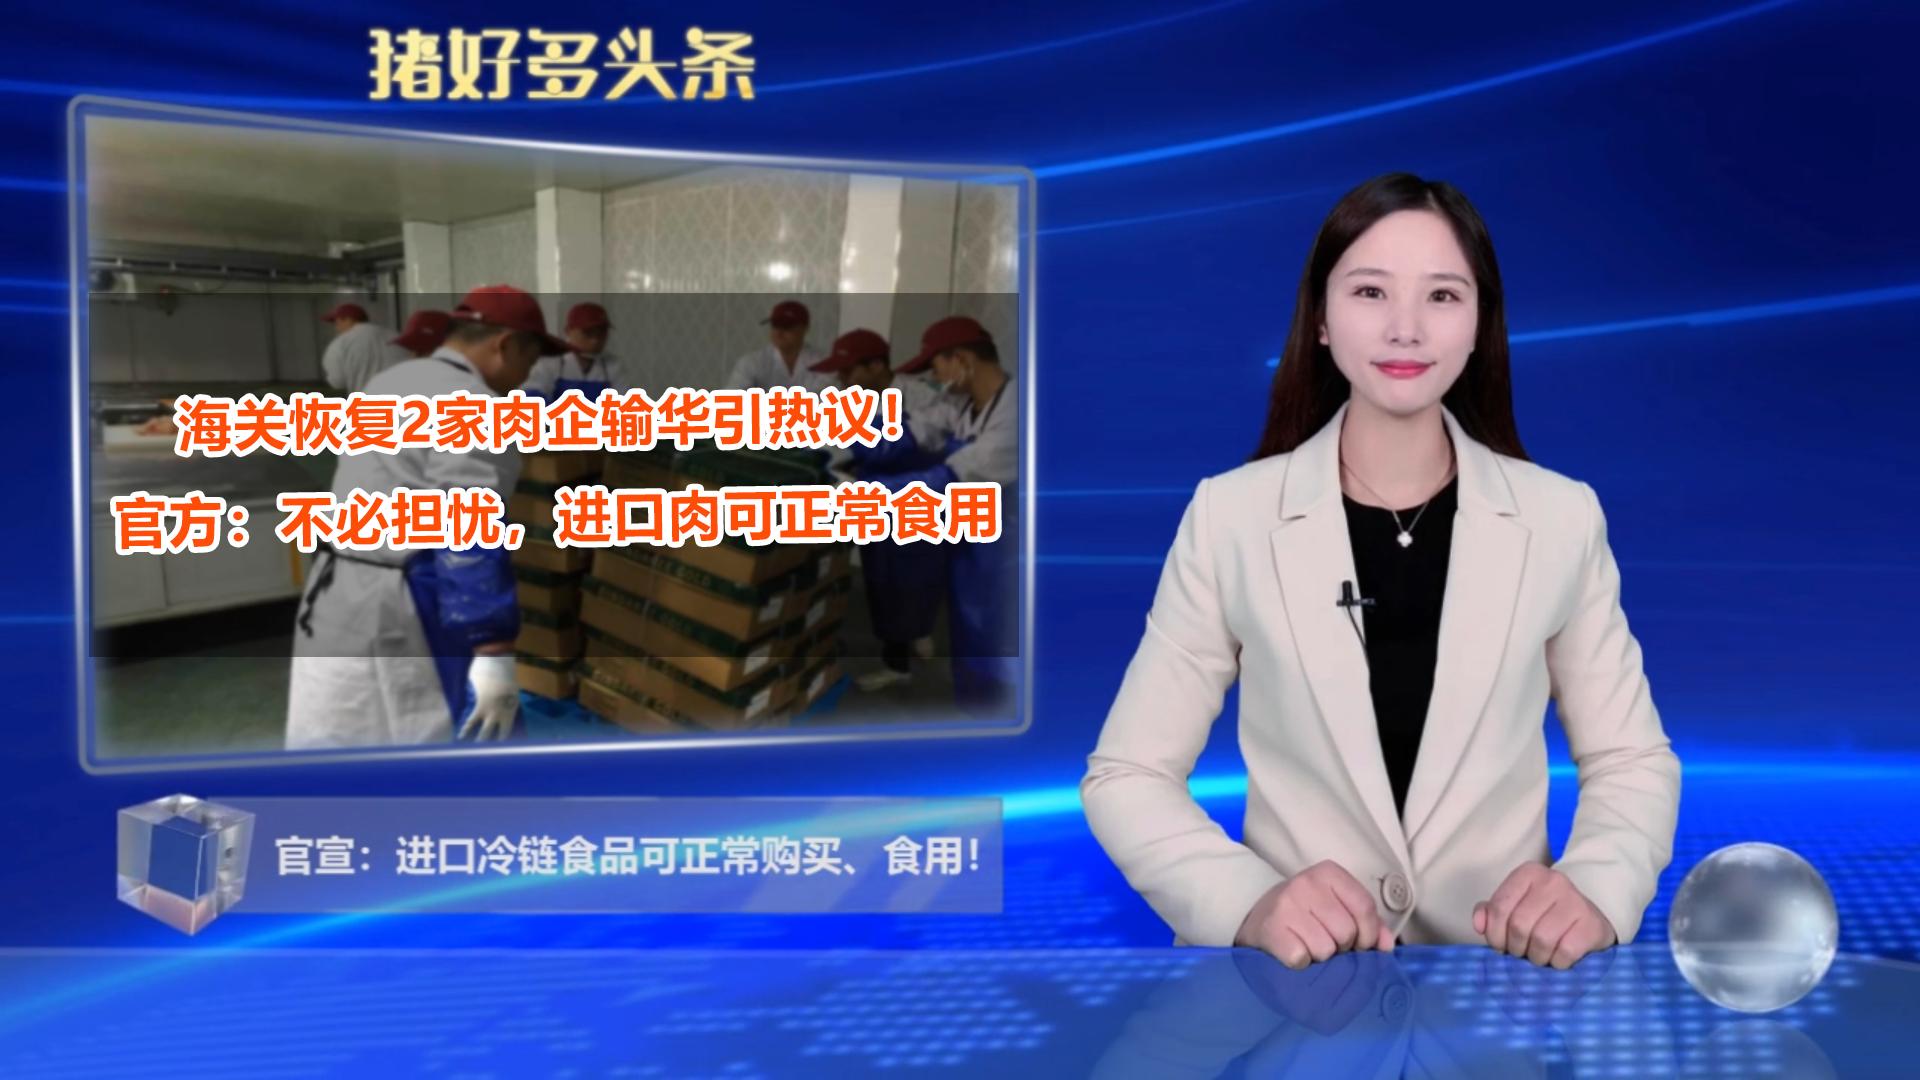 海关恢复2家肉企输华引热议!官方:不必担忧,进口肉可正常食用